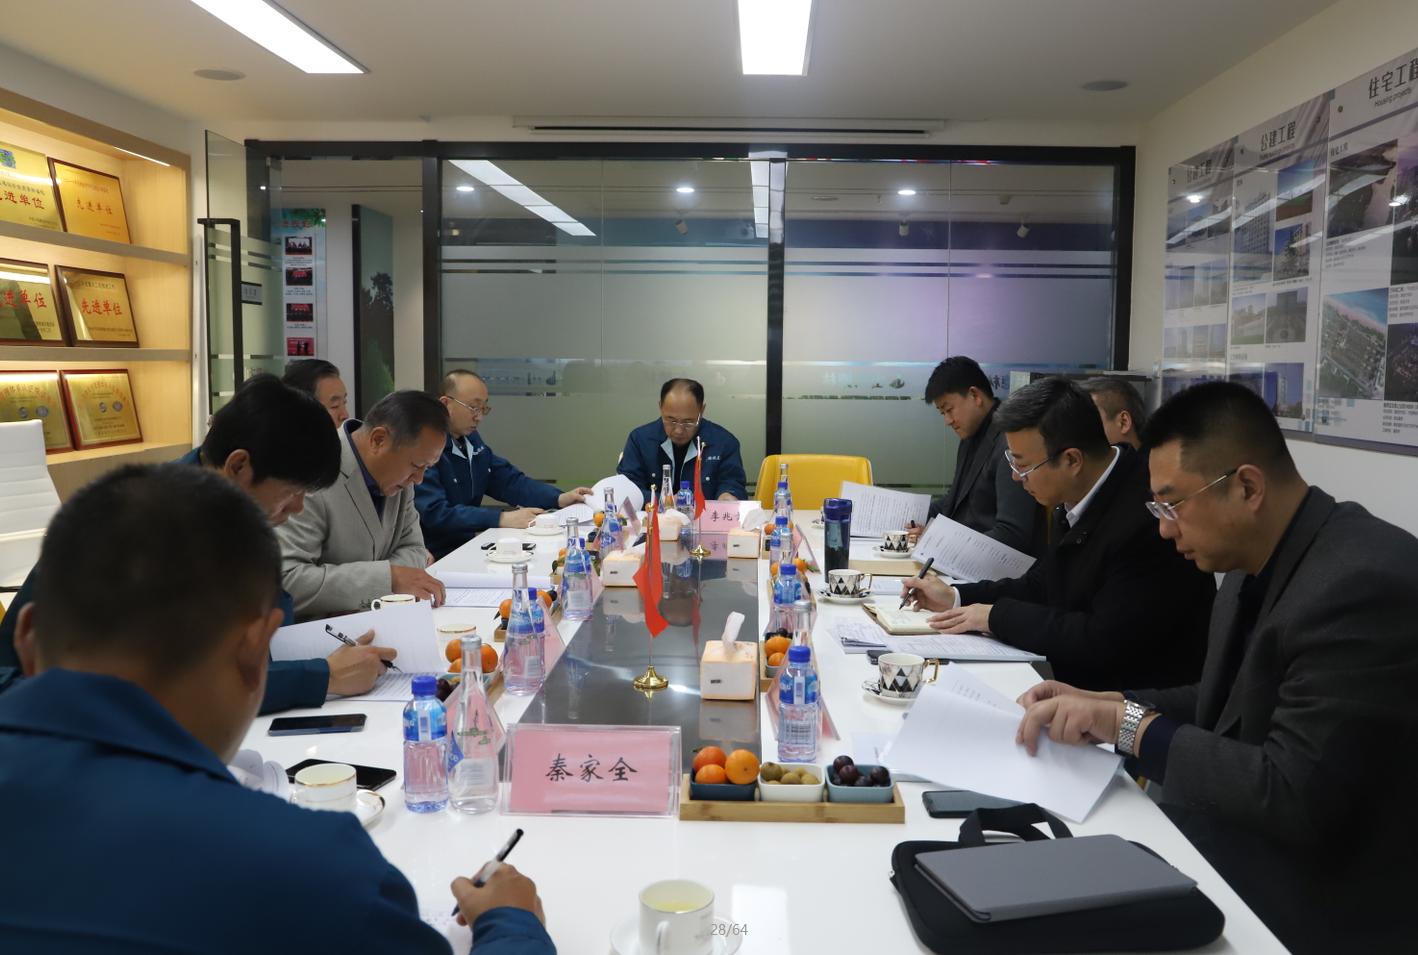 省建設執業資格注冊中心副主任魏靜明一行來到山東德林工程項目有限公司進行實地調研